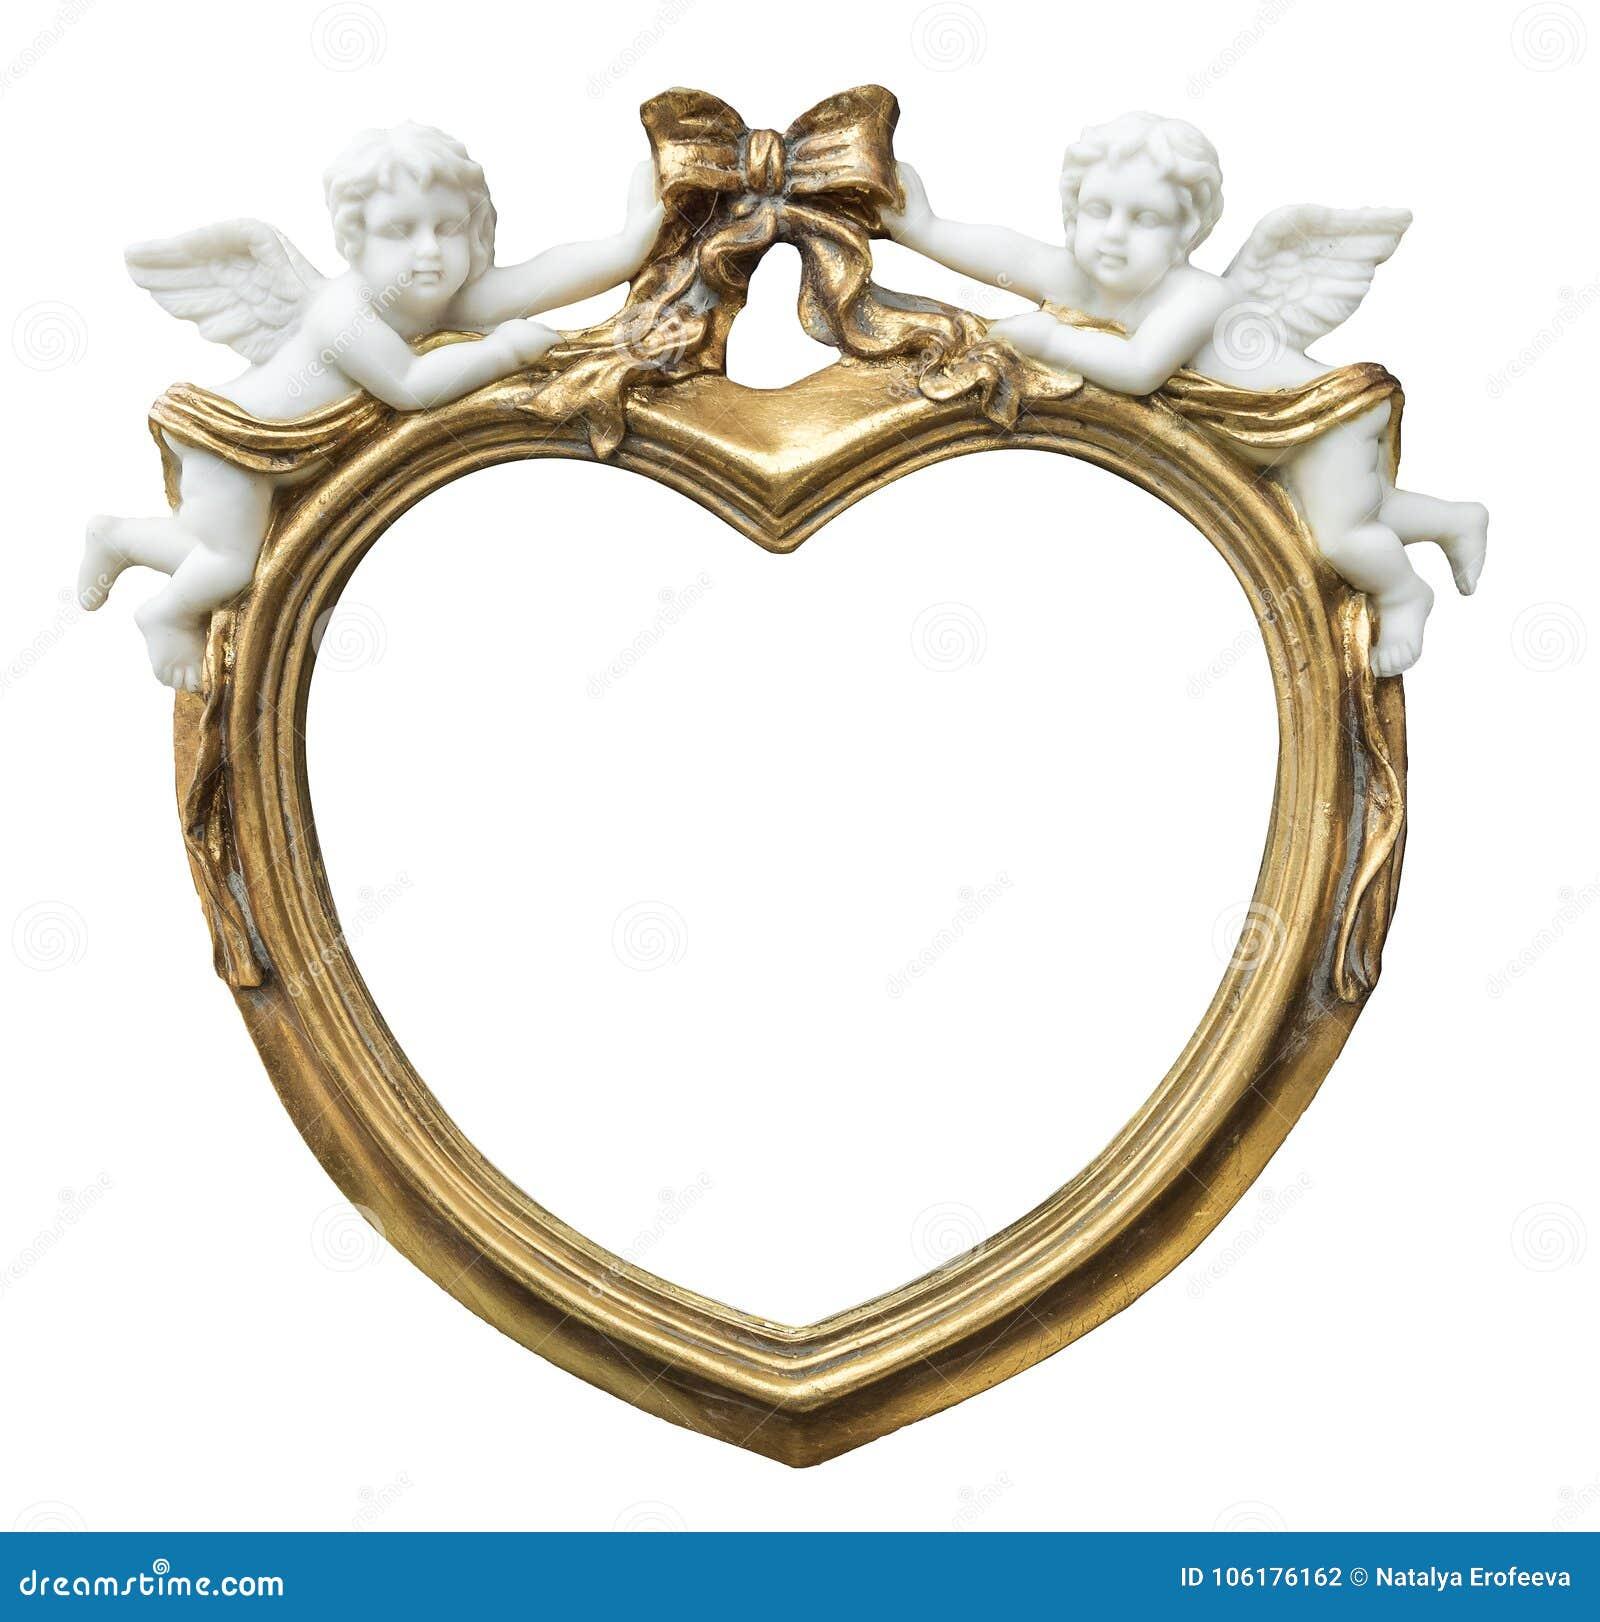 Barock förgyllde fhotoramen i form av hjärta med kupidon på isolerad bakgrund